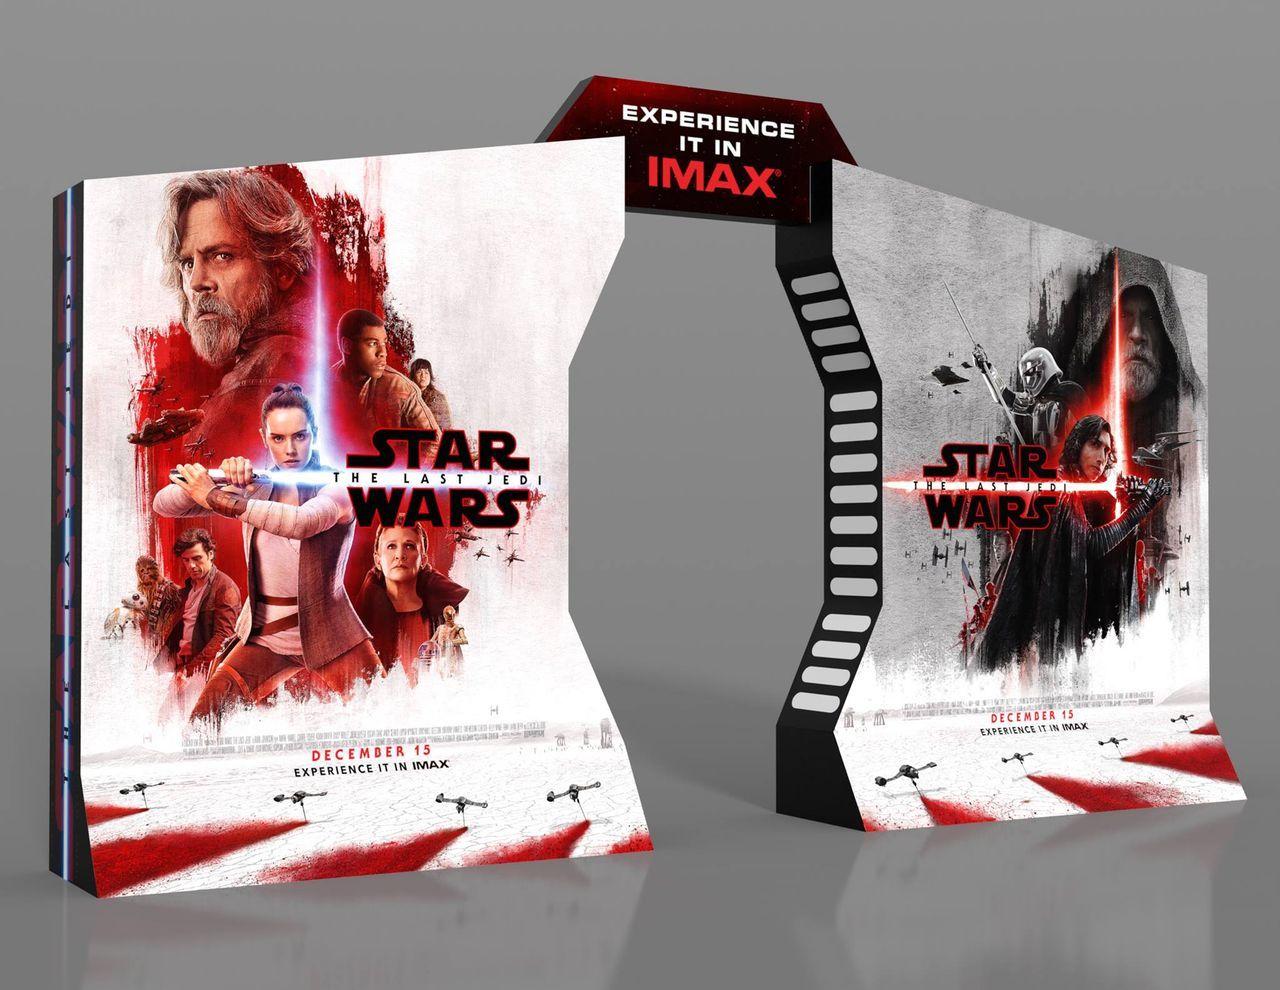 póster IMAX 3D de Star Wars: Los Últimos Jedi